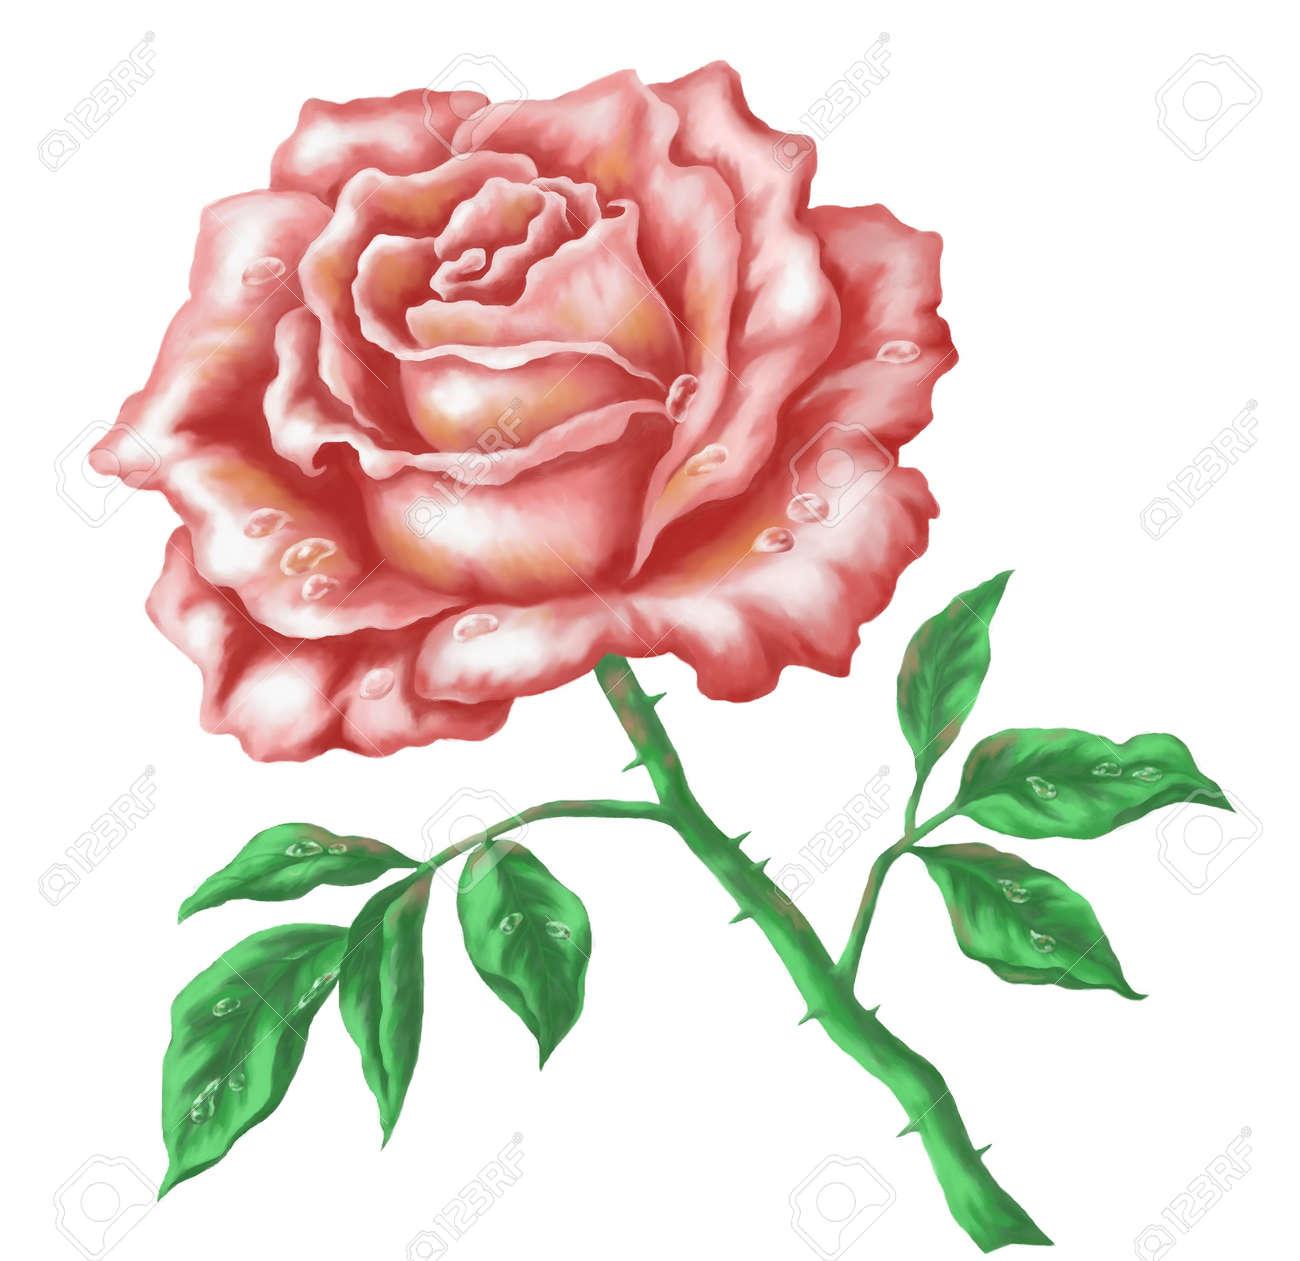 Fleur Rose Image Acrylique Peinture à La Main Tirage Isolé Sur